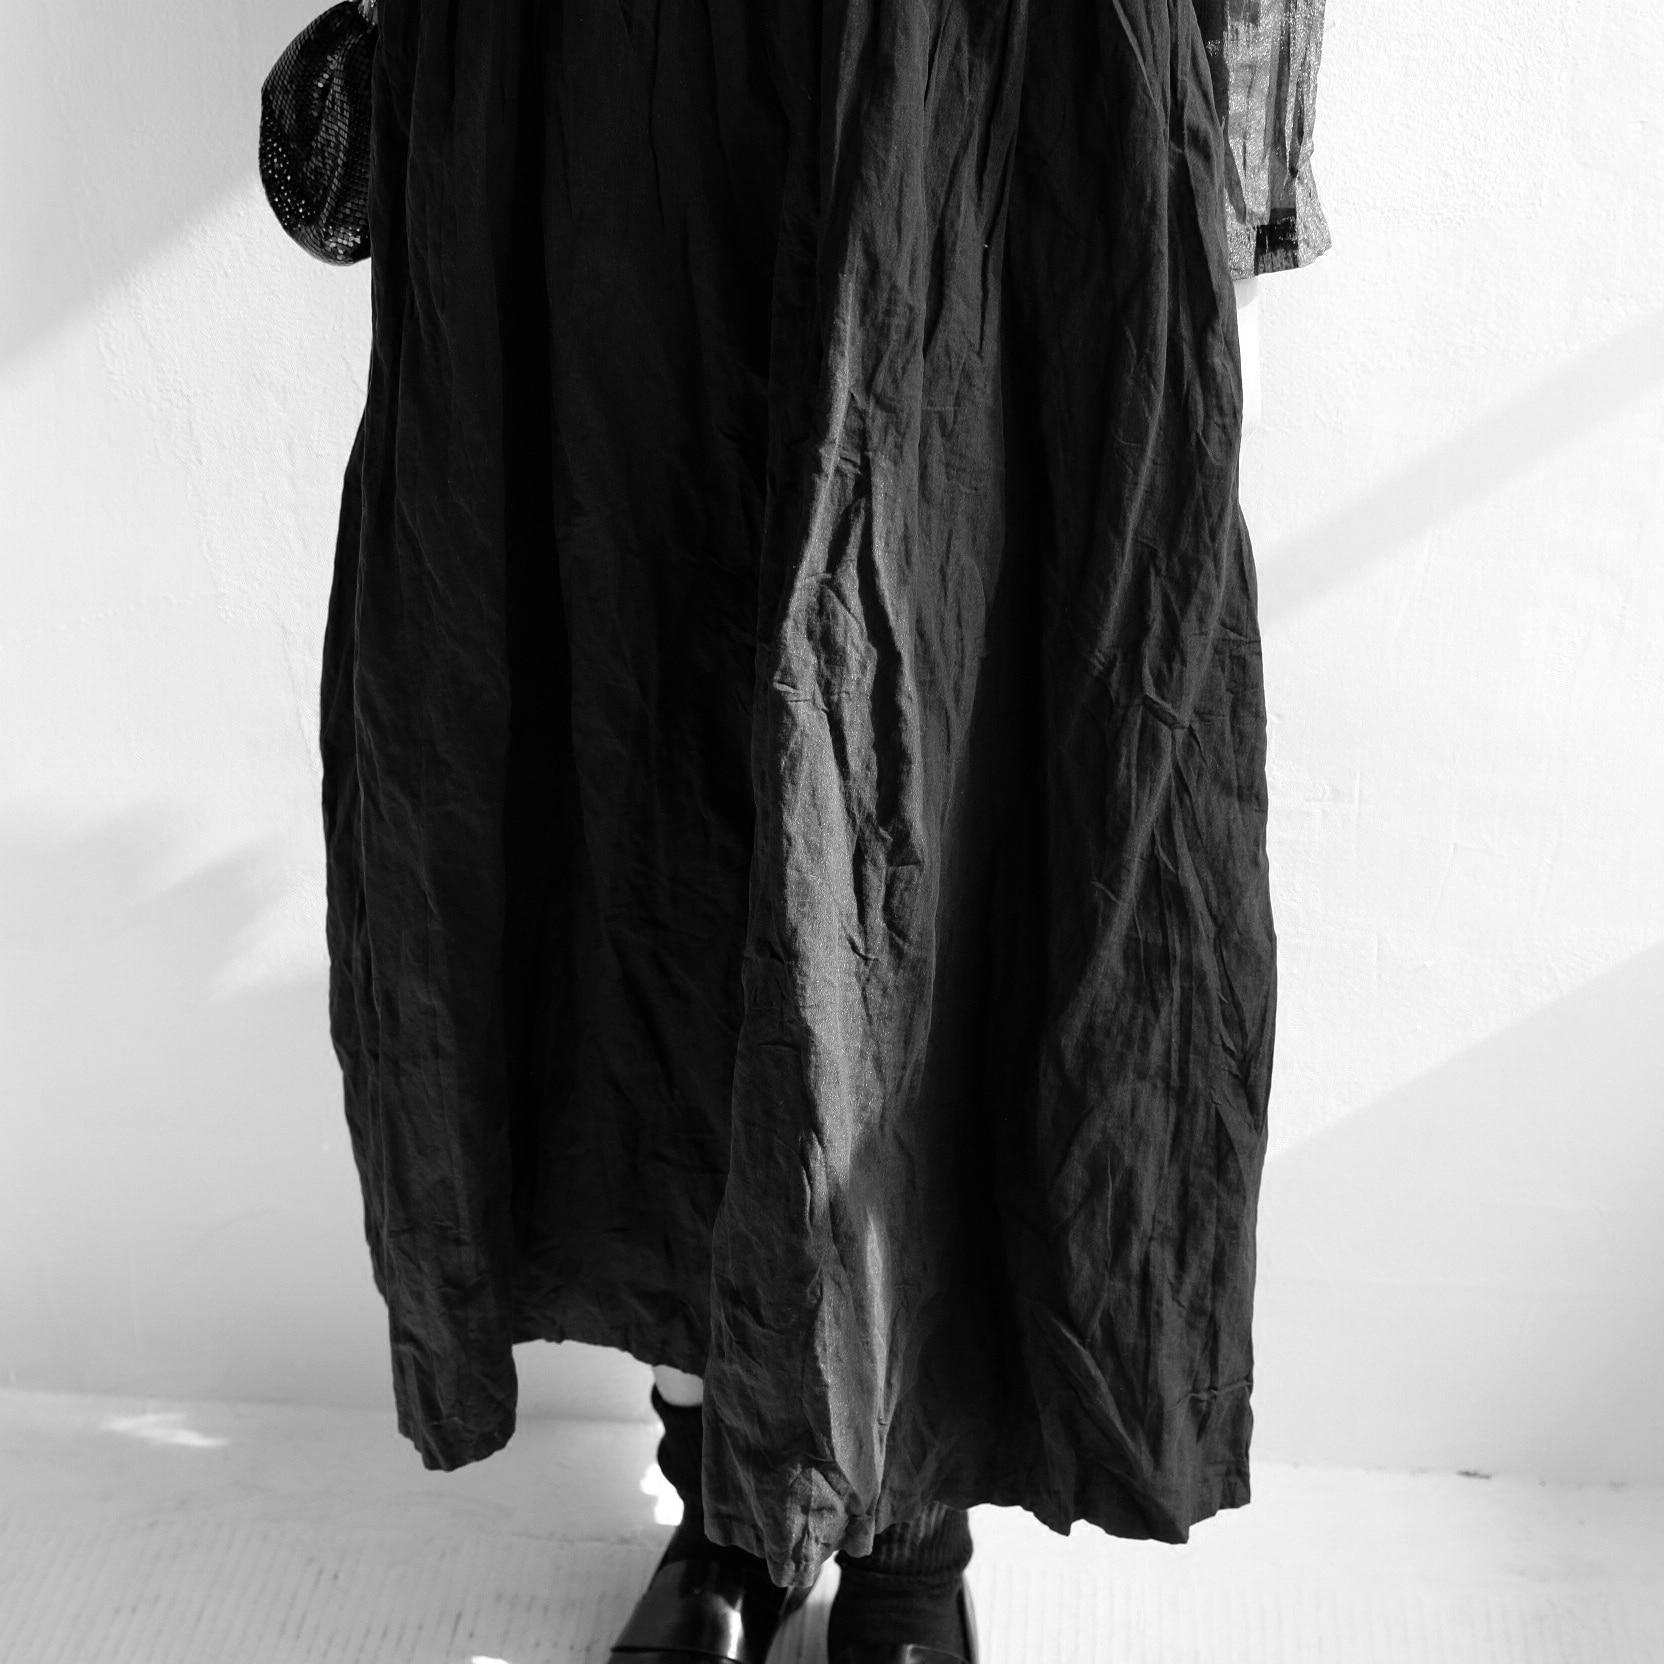 Robes perméable Spliced Vent Longues Plissé Semi À Noir Manches Foncé m0nyv8OPNw